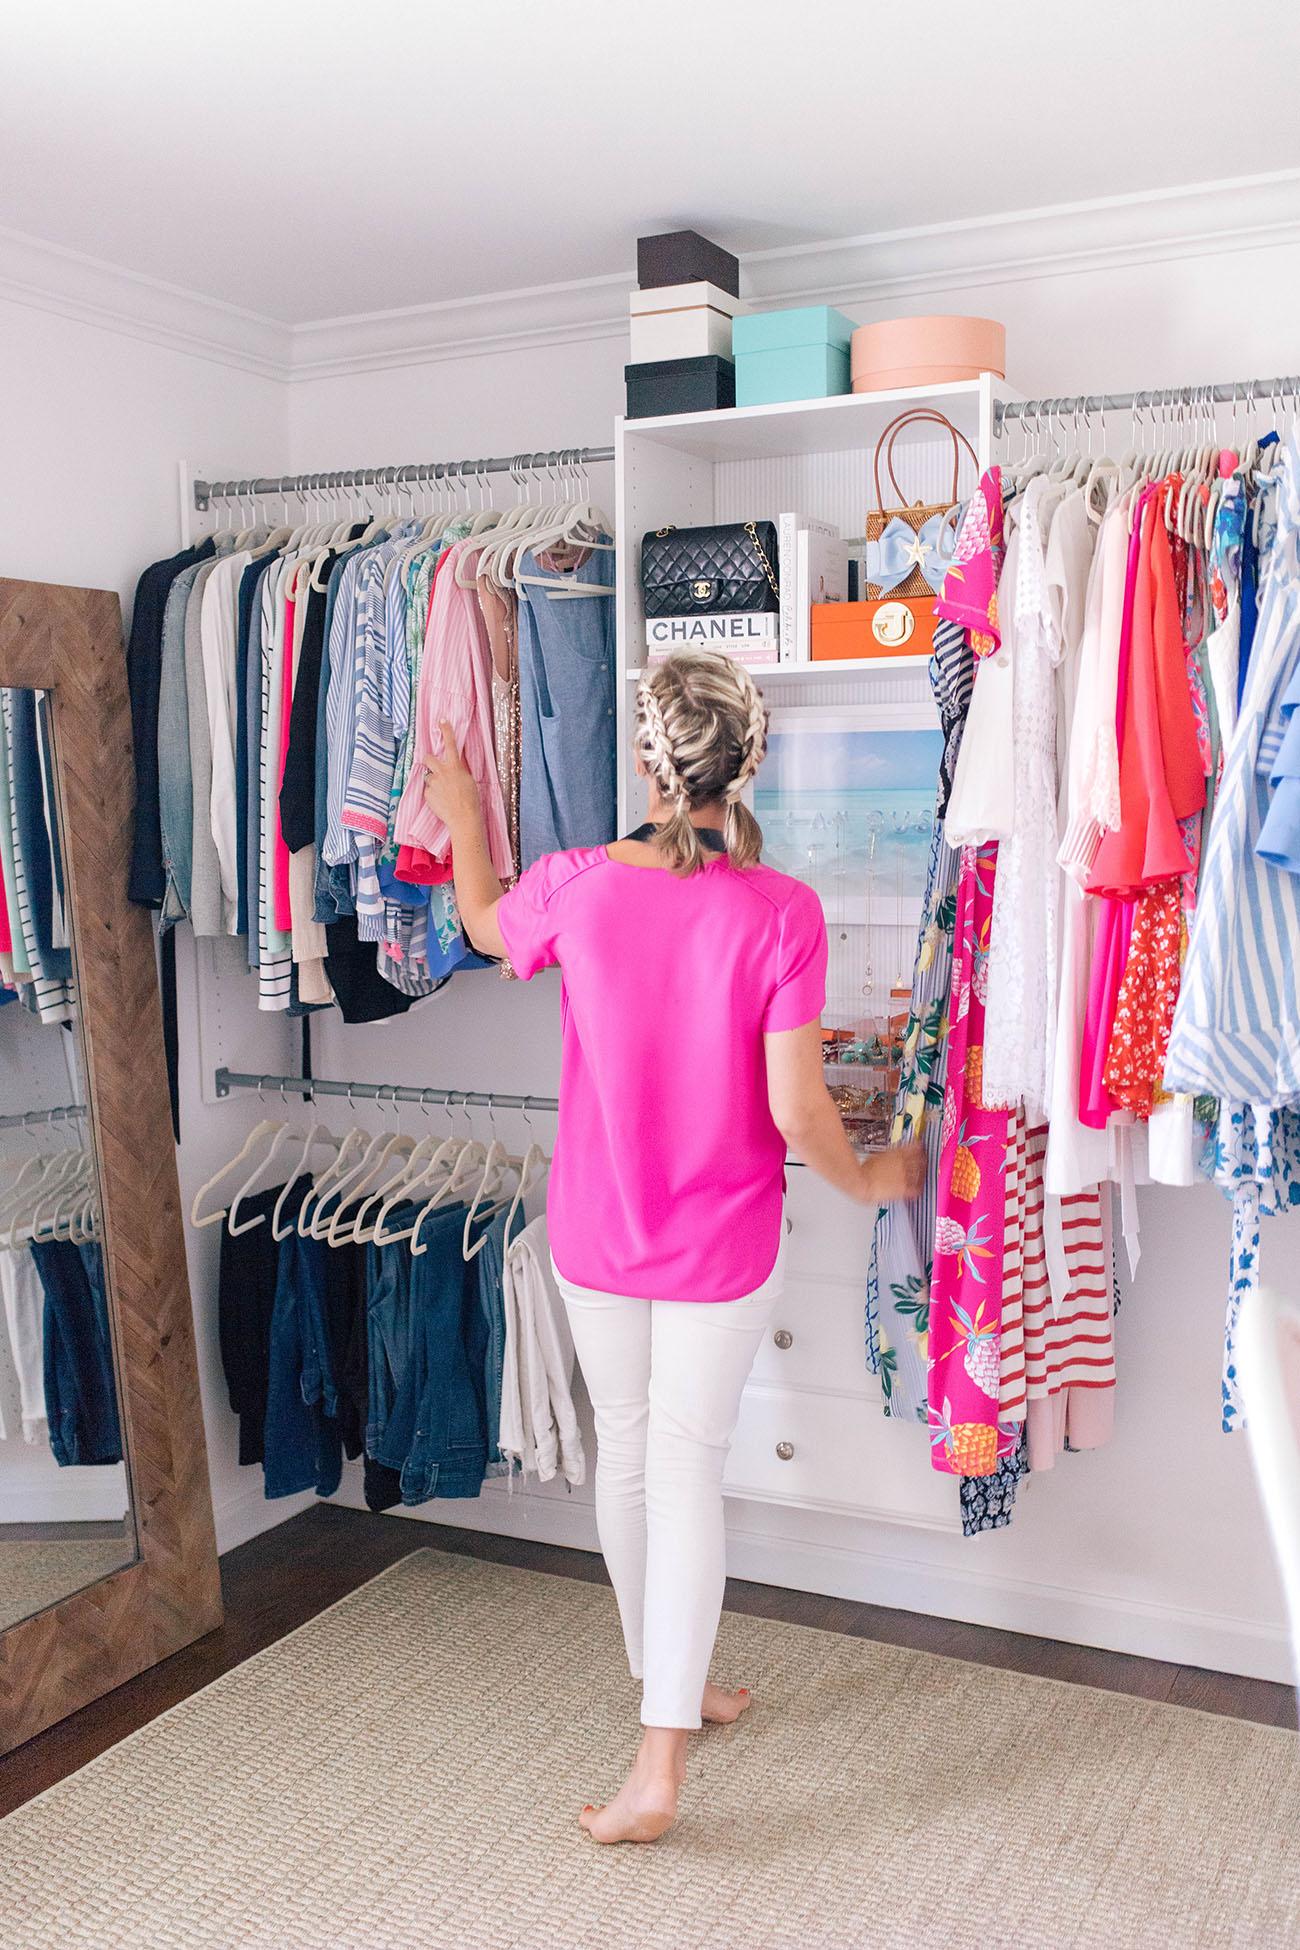 Merveilleux Similar Pink Silk Shirt / J.Crew White Jeans / Fairchild Baldwin Necklace /  Home Depot Closet System